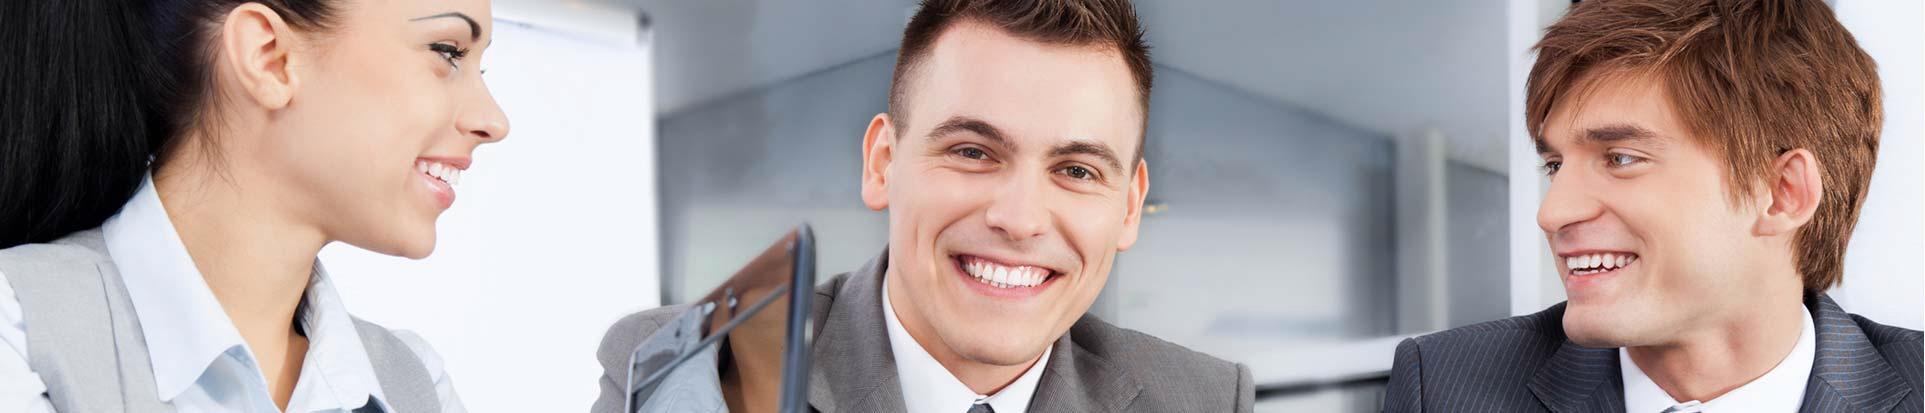 prezracevanje-poslovne-zgradbe-banke-klimatizacija